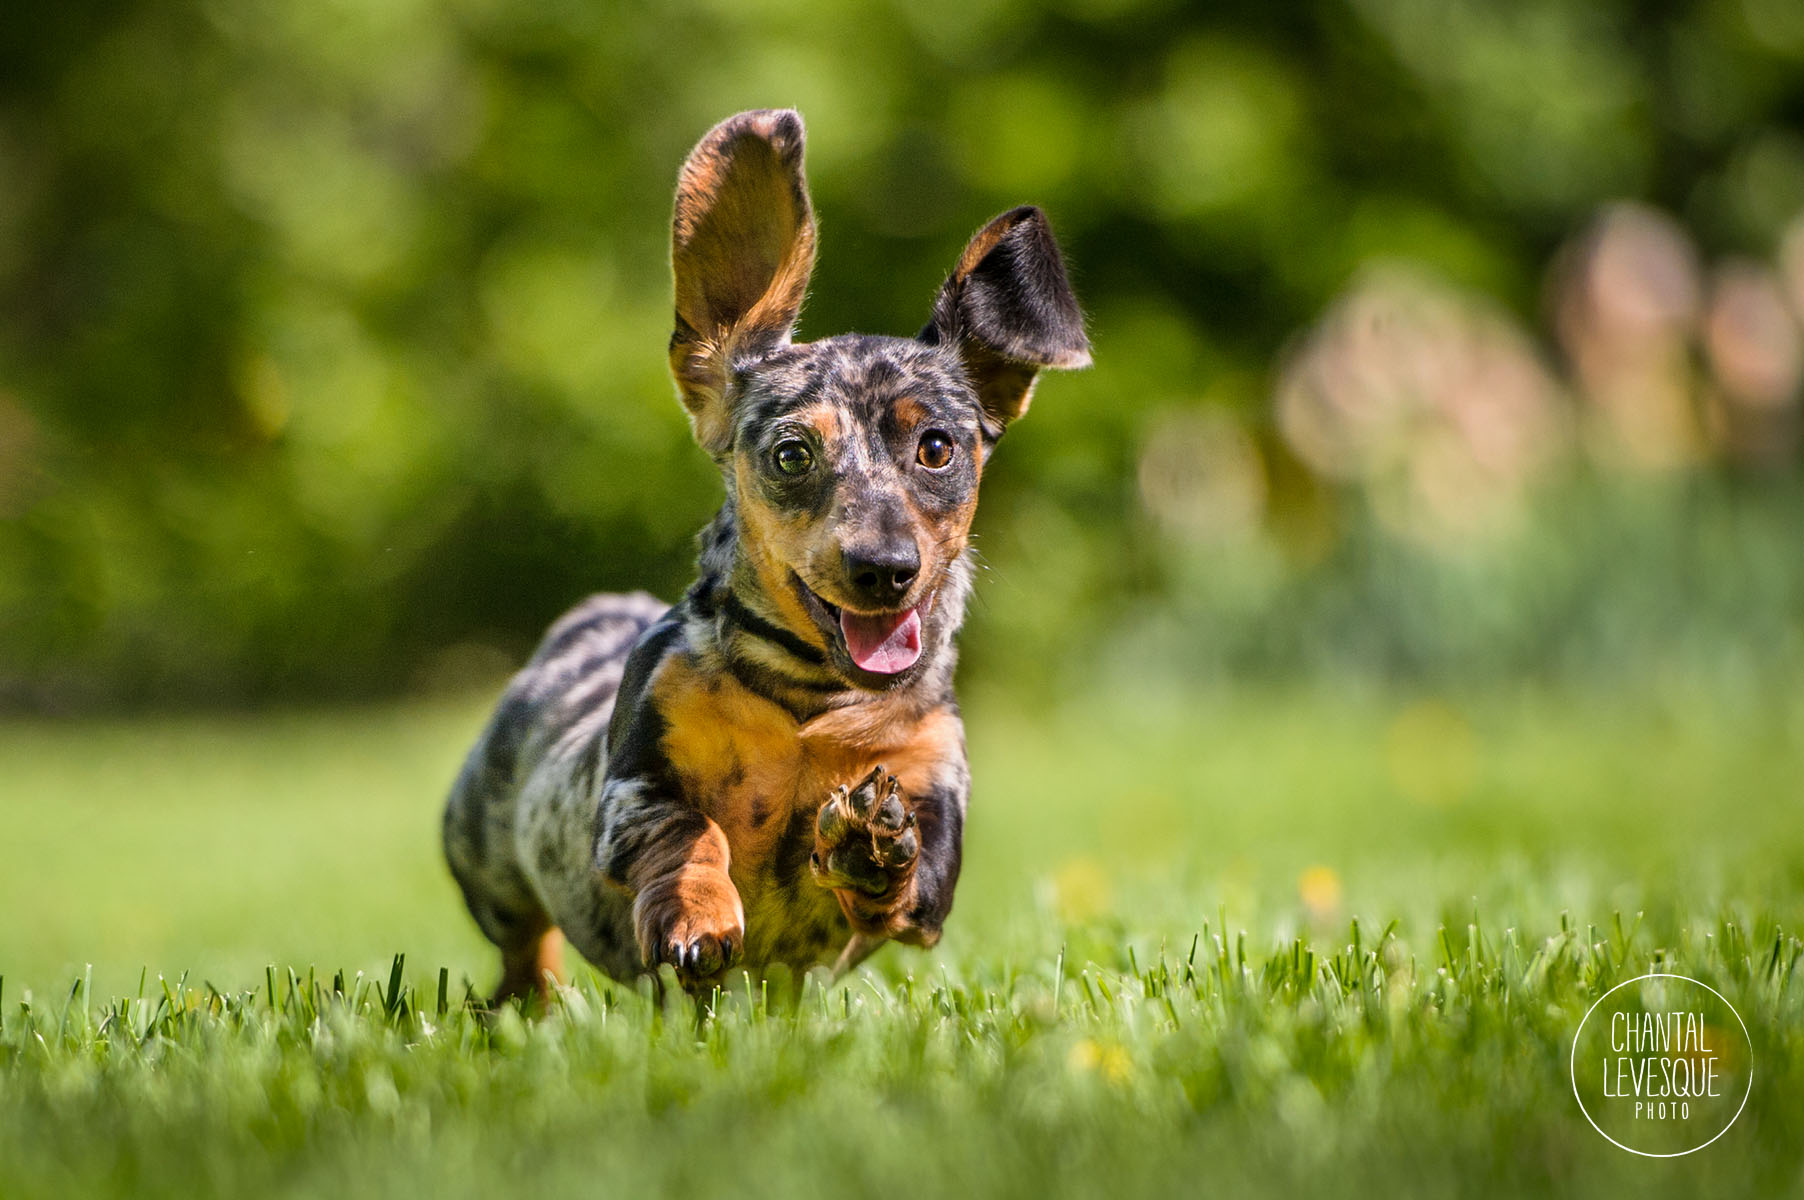 doxie-puppy-running